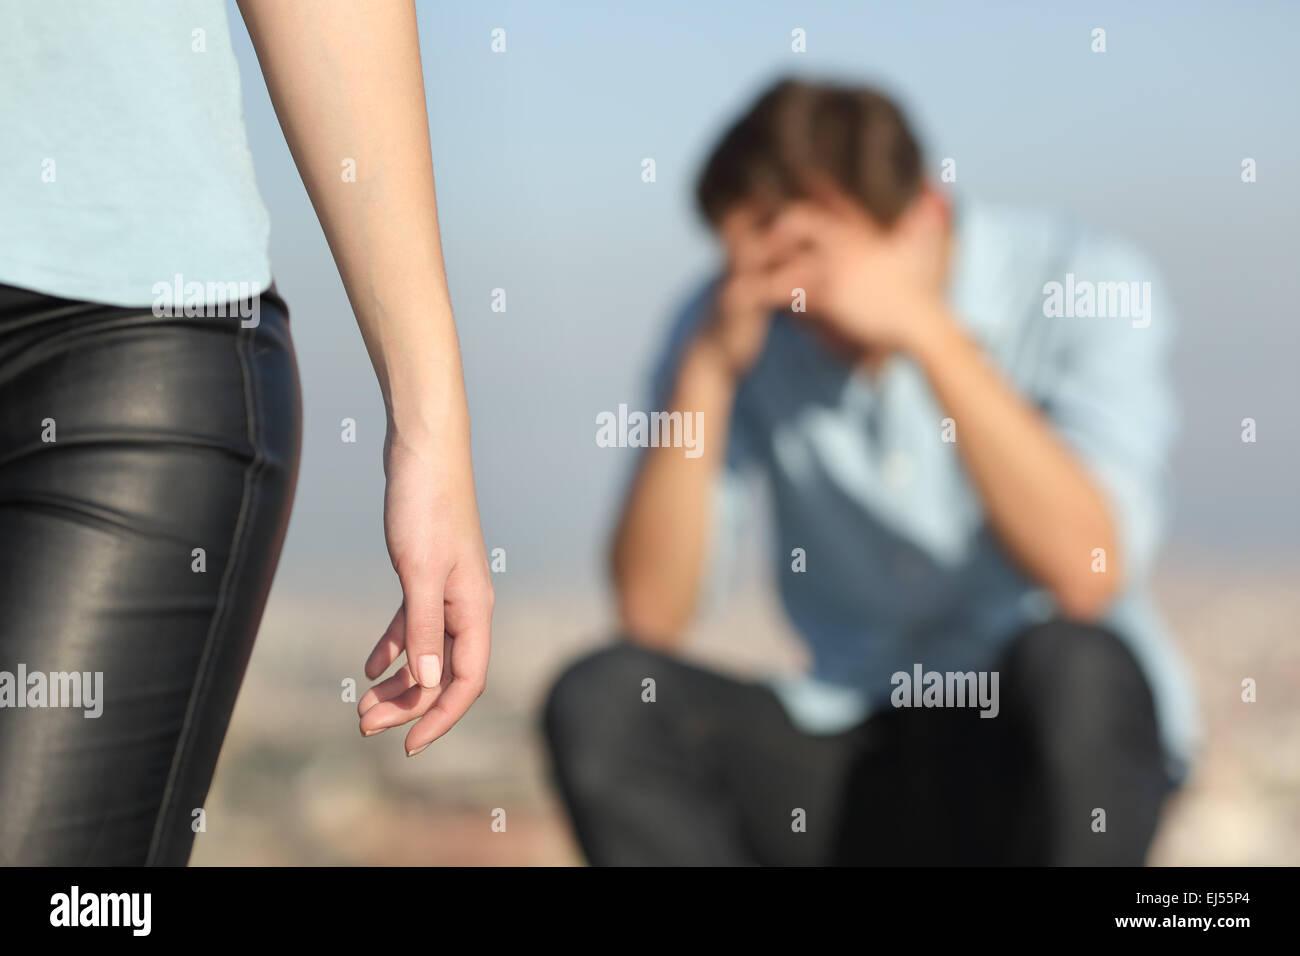 Trennung eines Paares mit einem traurigen Mann im Hintergrund und die Freundin ließ ihn in den Vordergrund Stockbild